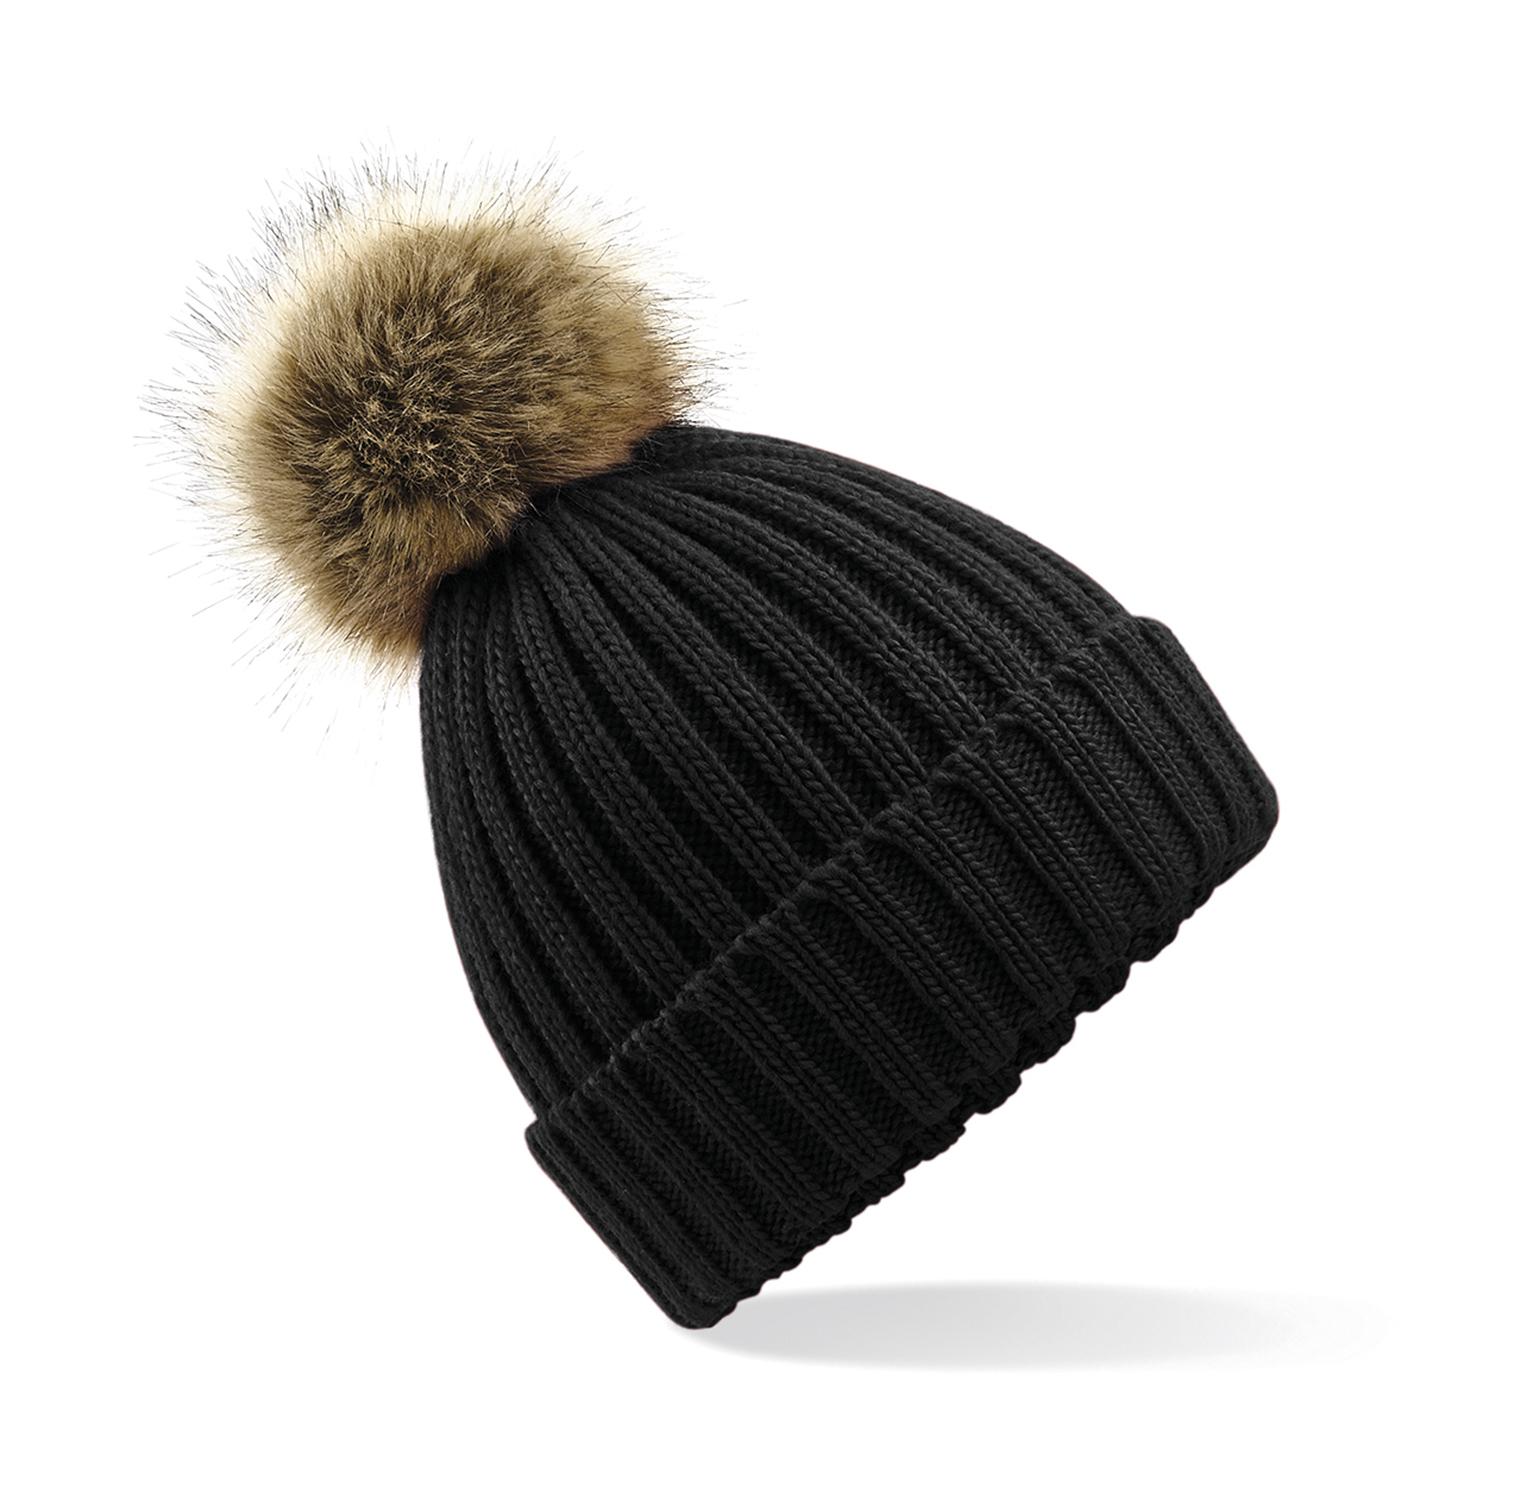 62fe685842a Beechfield Zimní čepice s bambulí Chunky černá